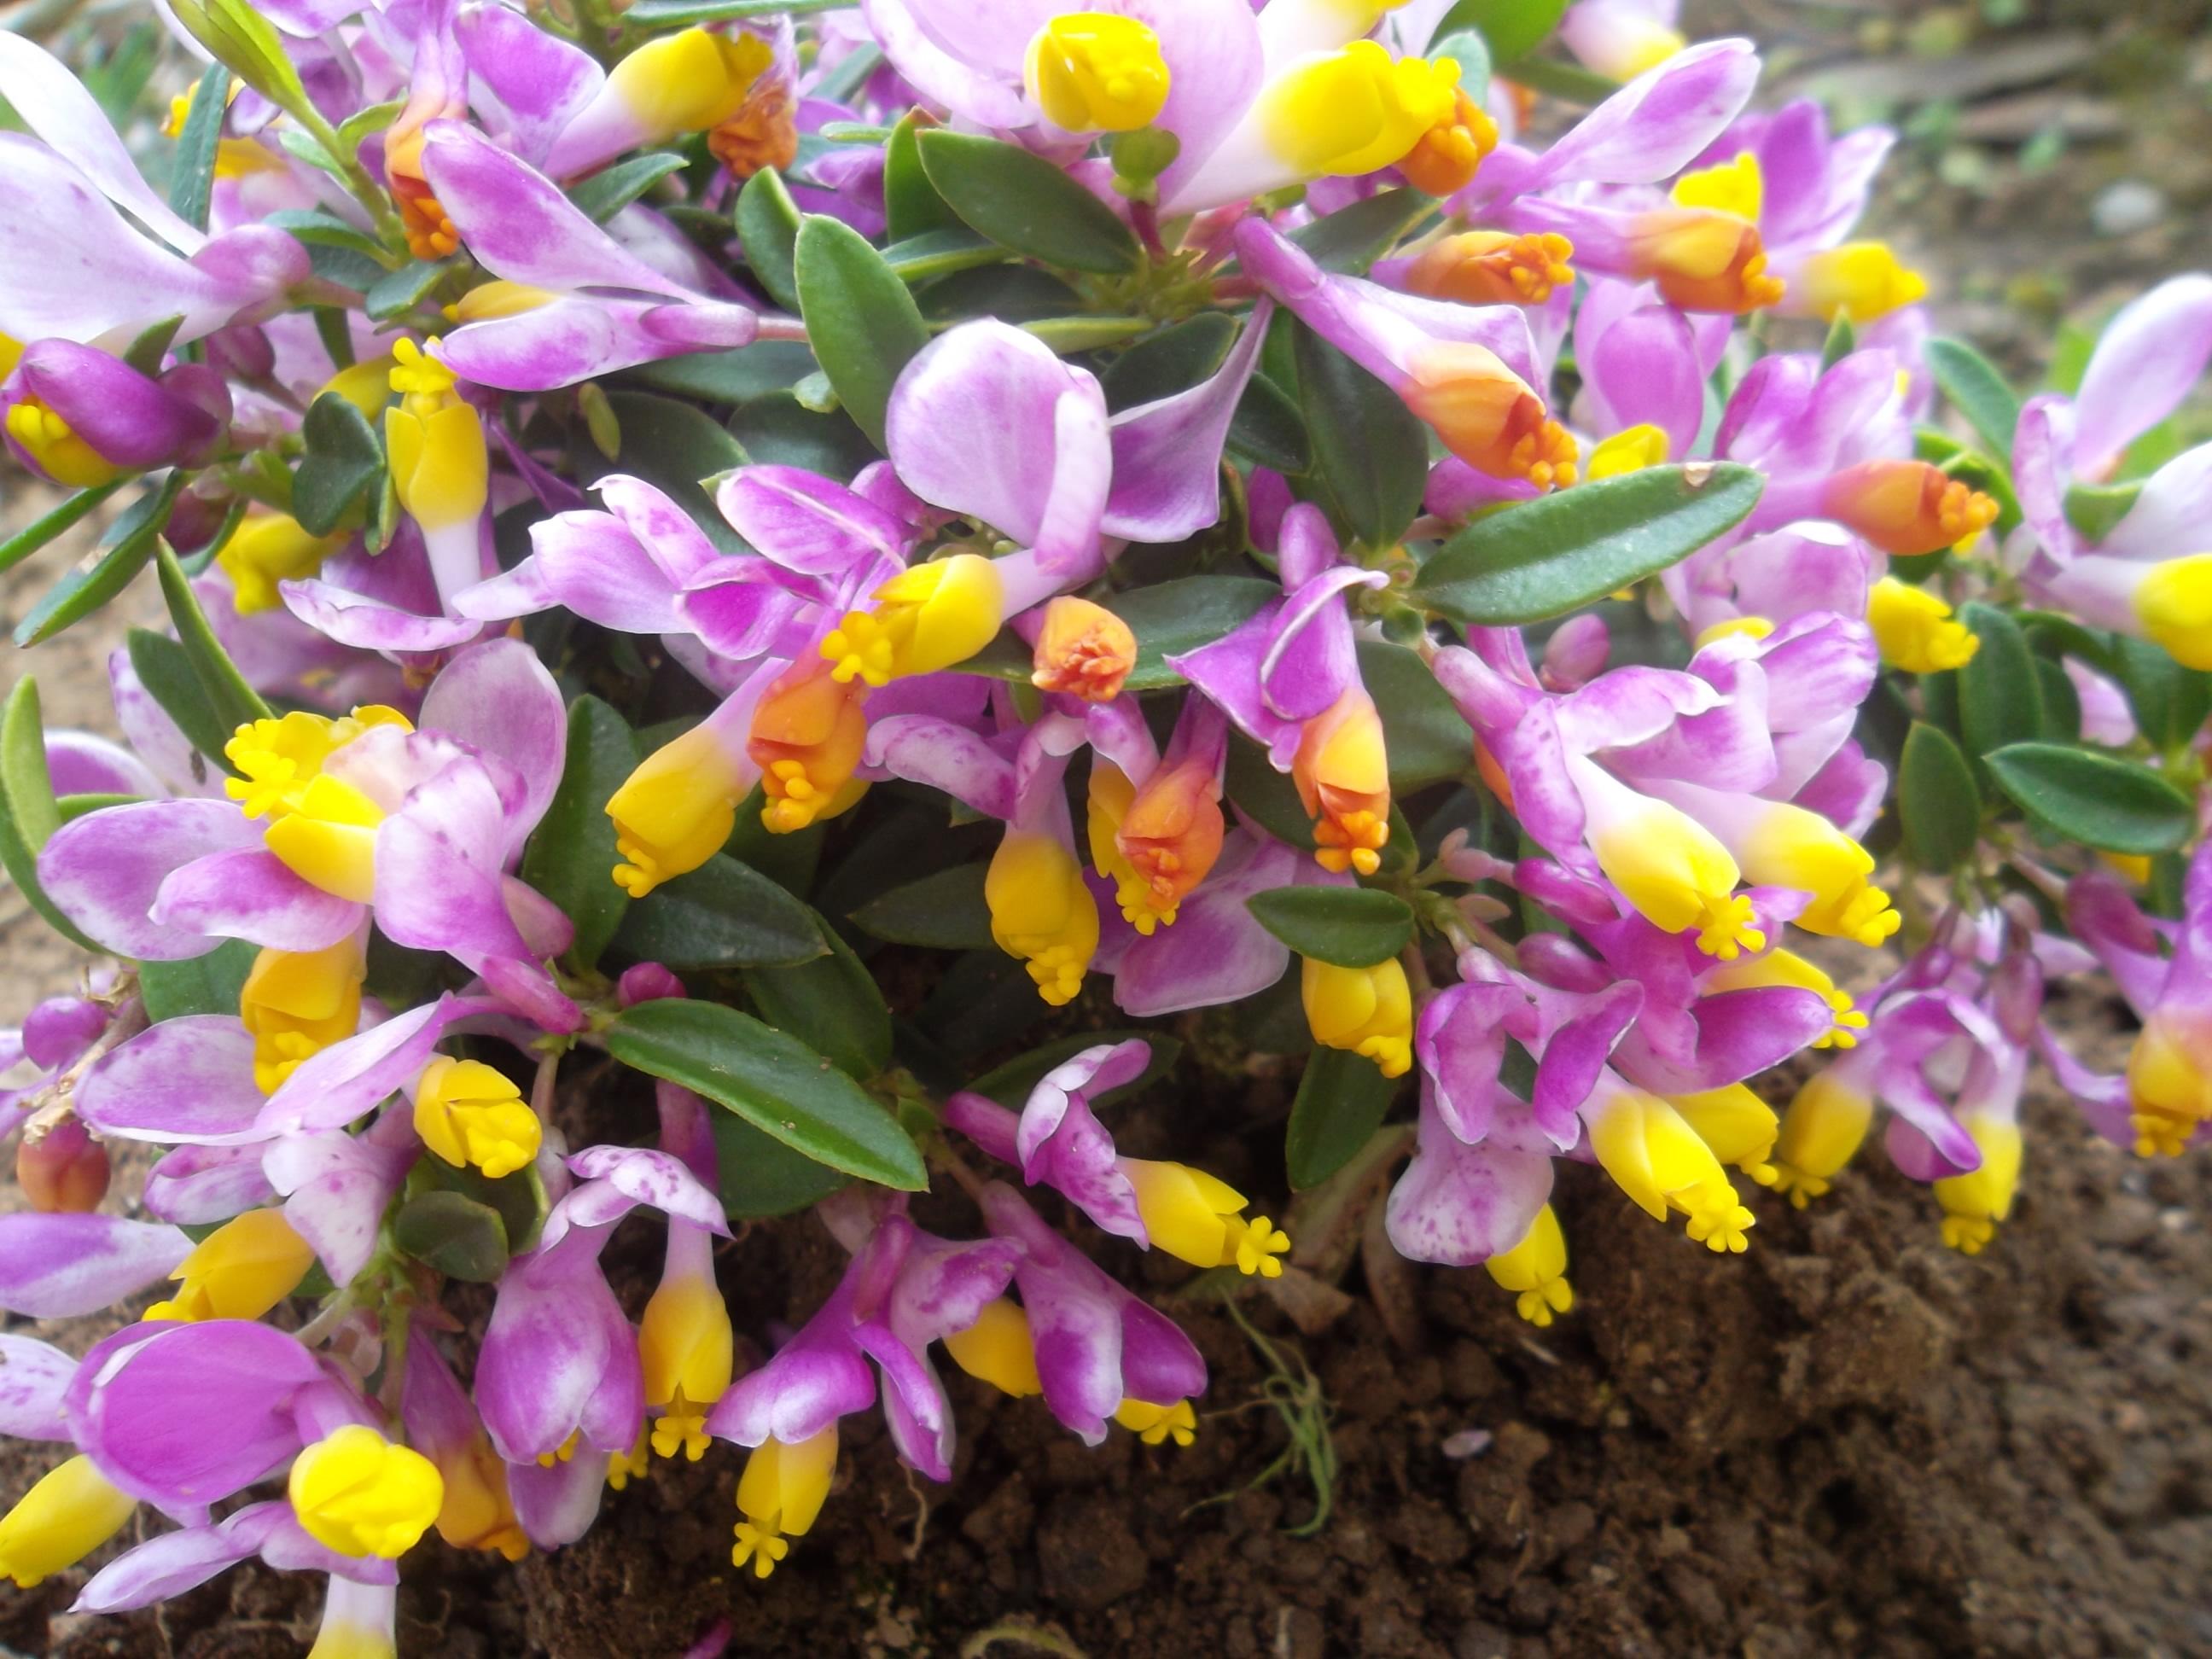 polygala plante vivace fleurs rose et jaune odorante